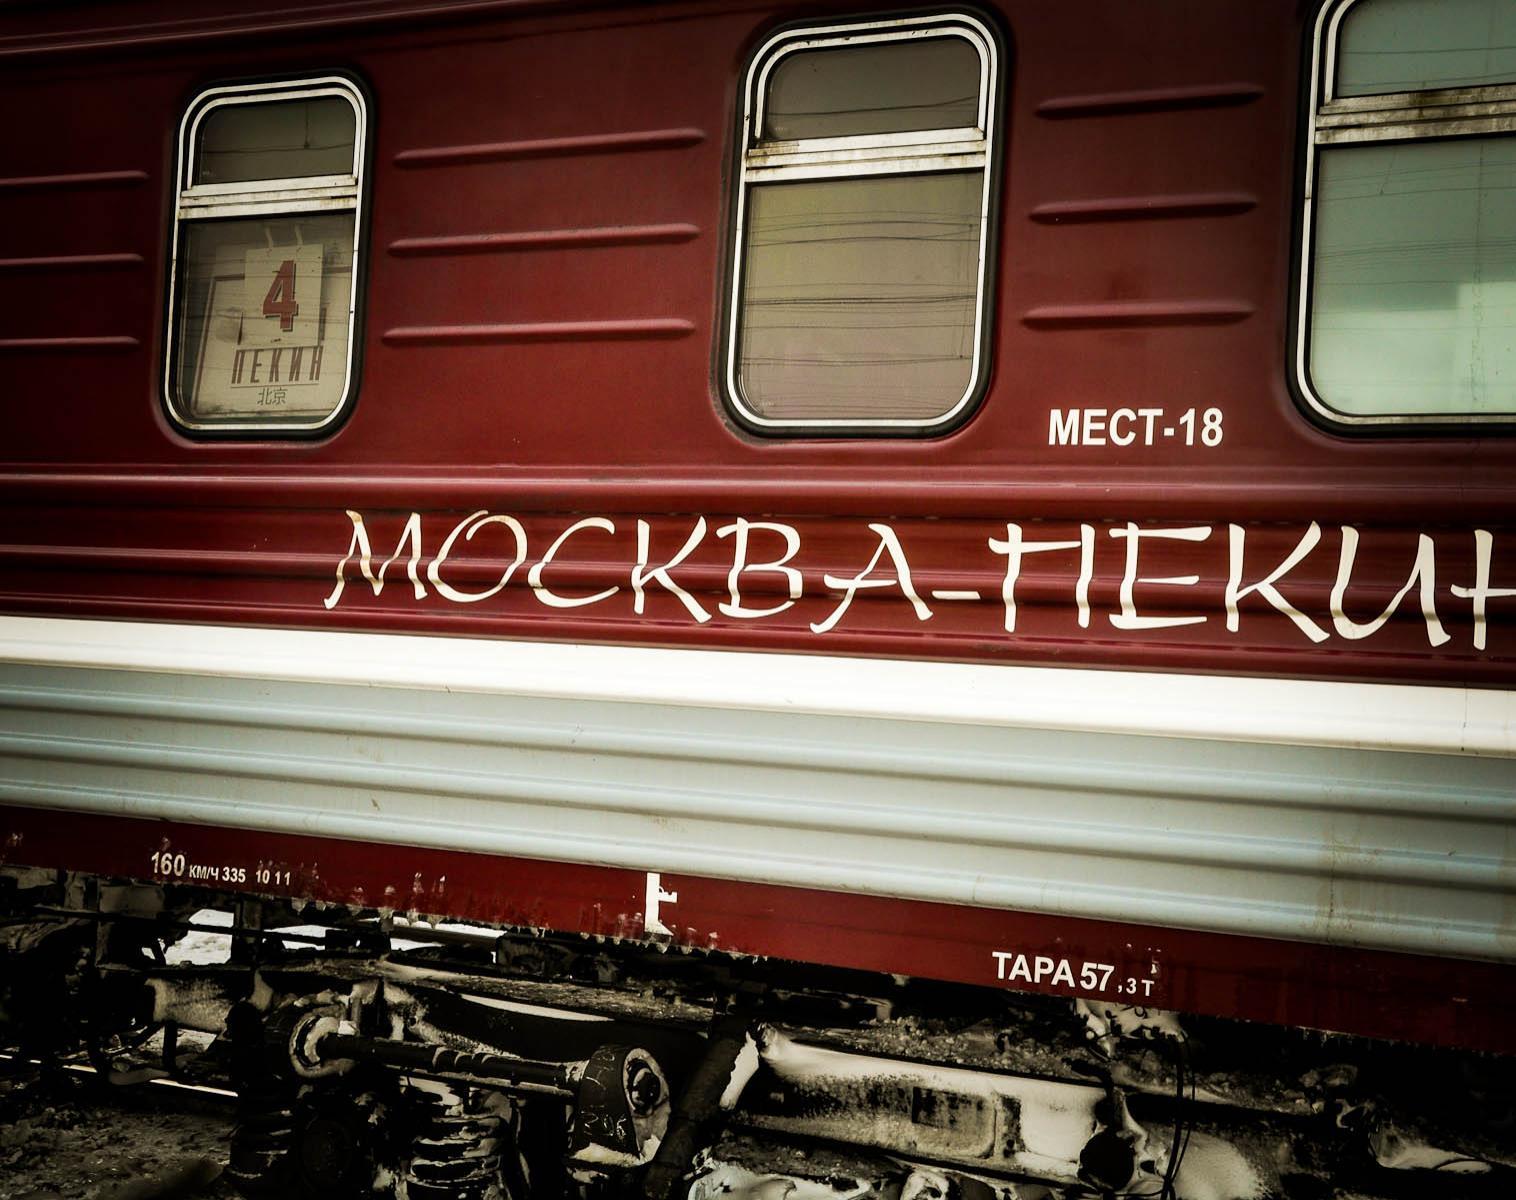 Russie  Russie - Chine - Mongolie : Traversée hivernale en Transsibérien    Découverte Train Rencontres et cultures du Monde